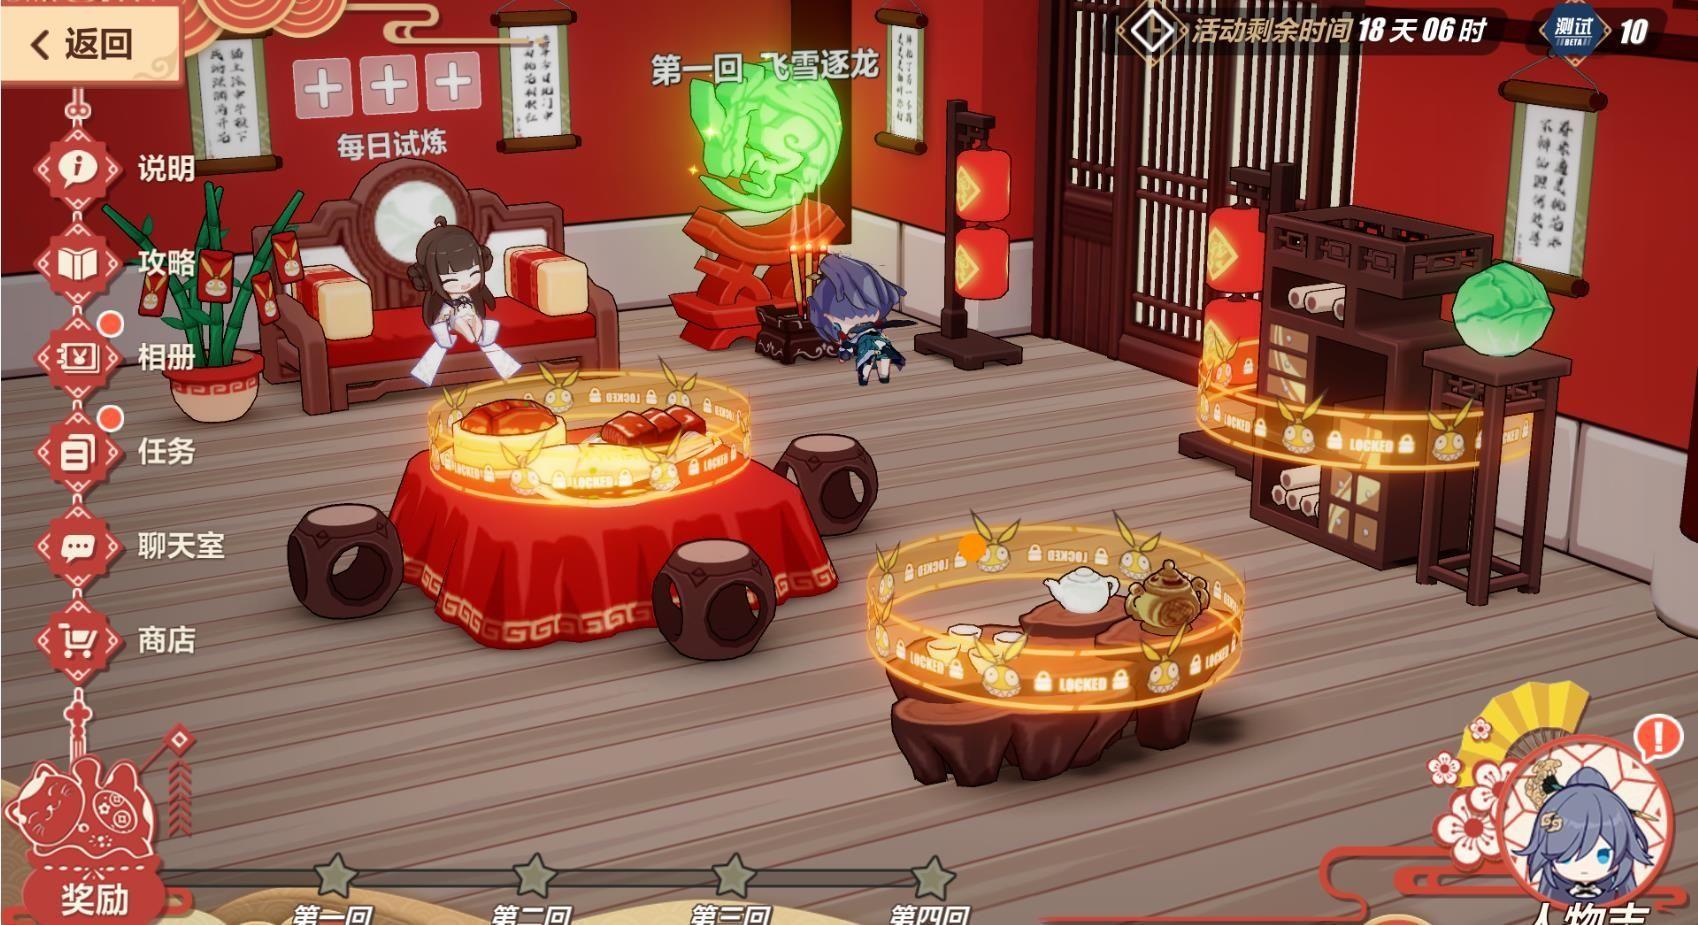 崩坏3春节活动神州仙行记怎样玩?2020春节活动玩法与奖励介绍[视频][多图]图片2